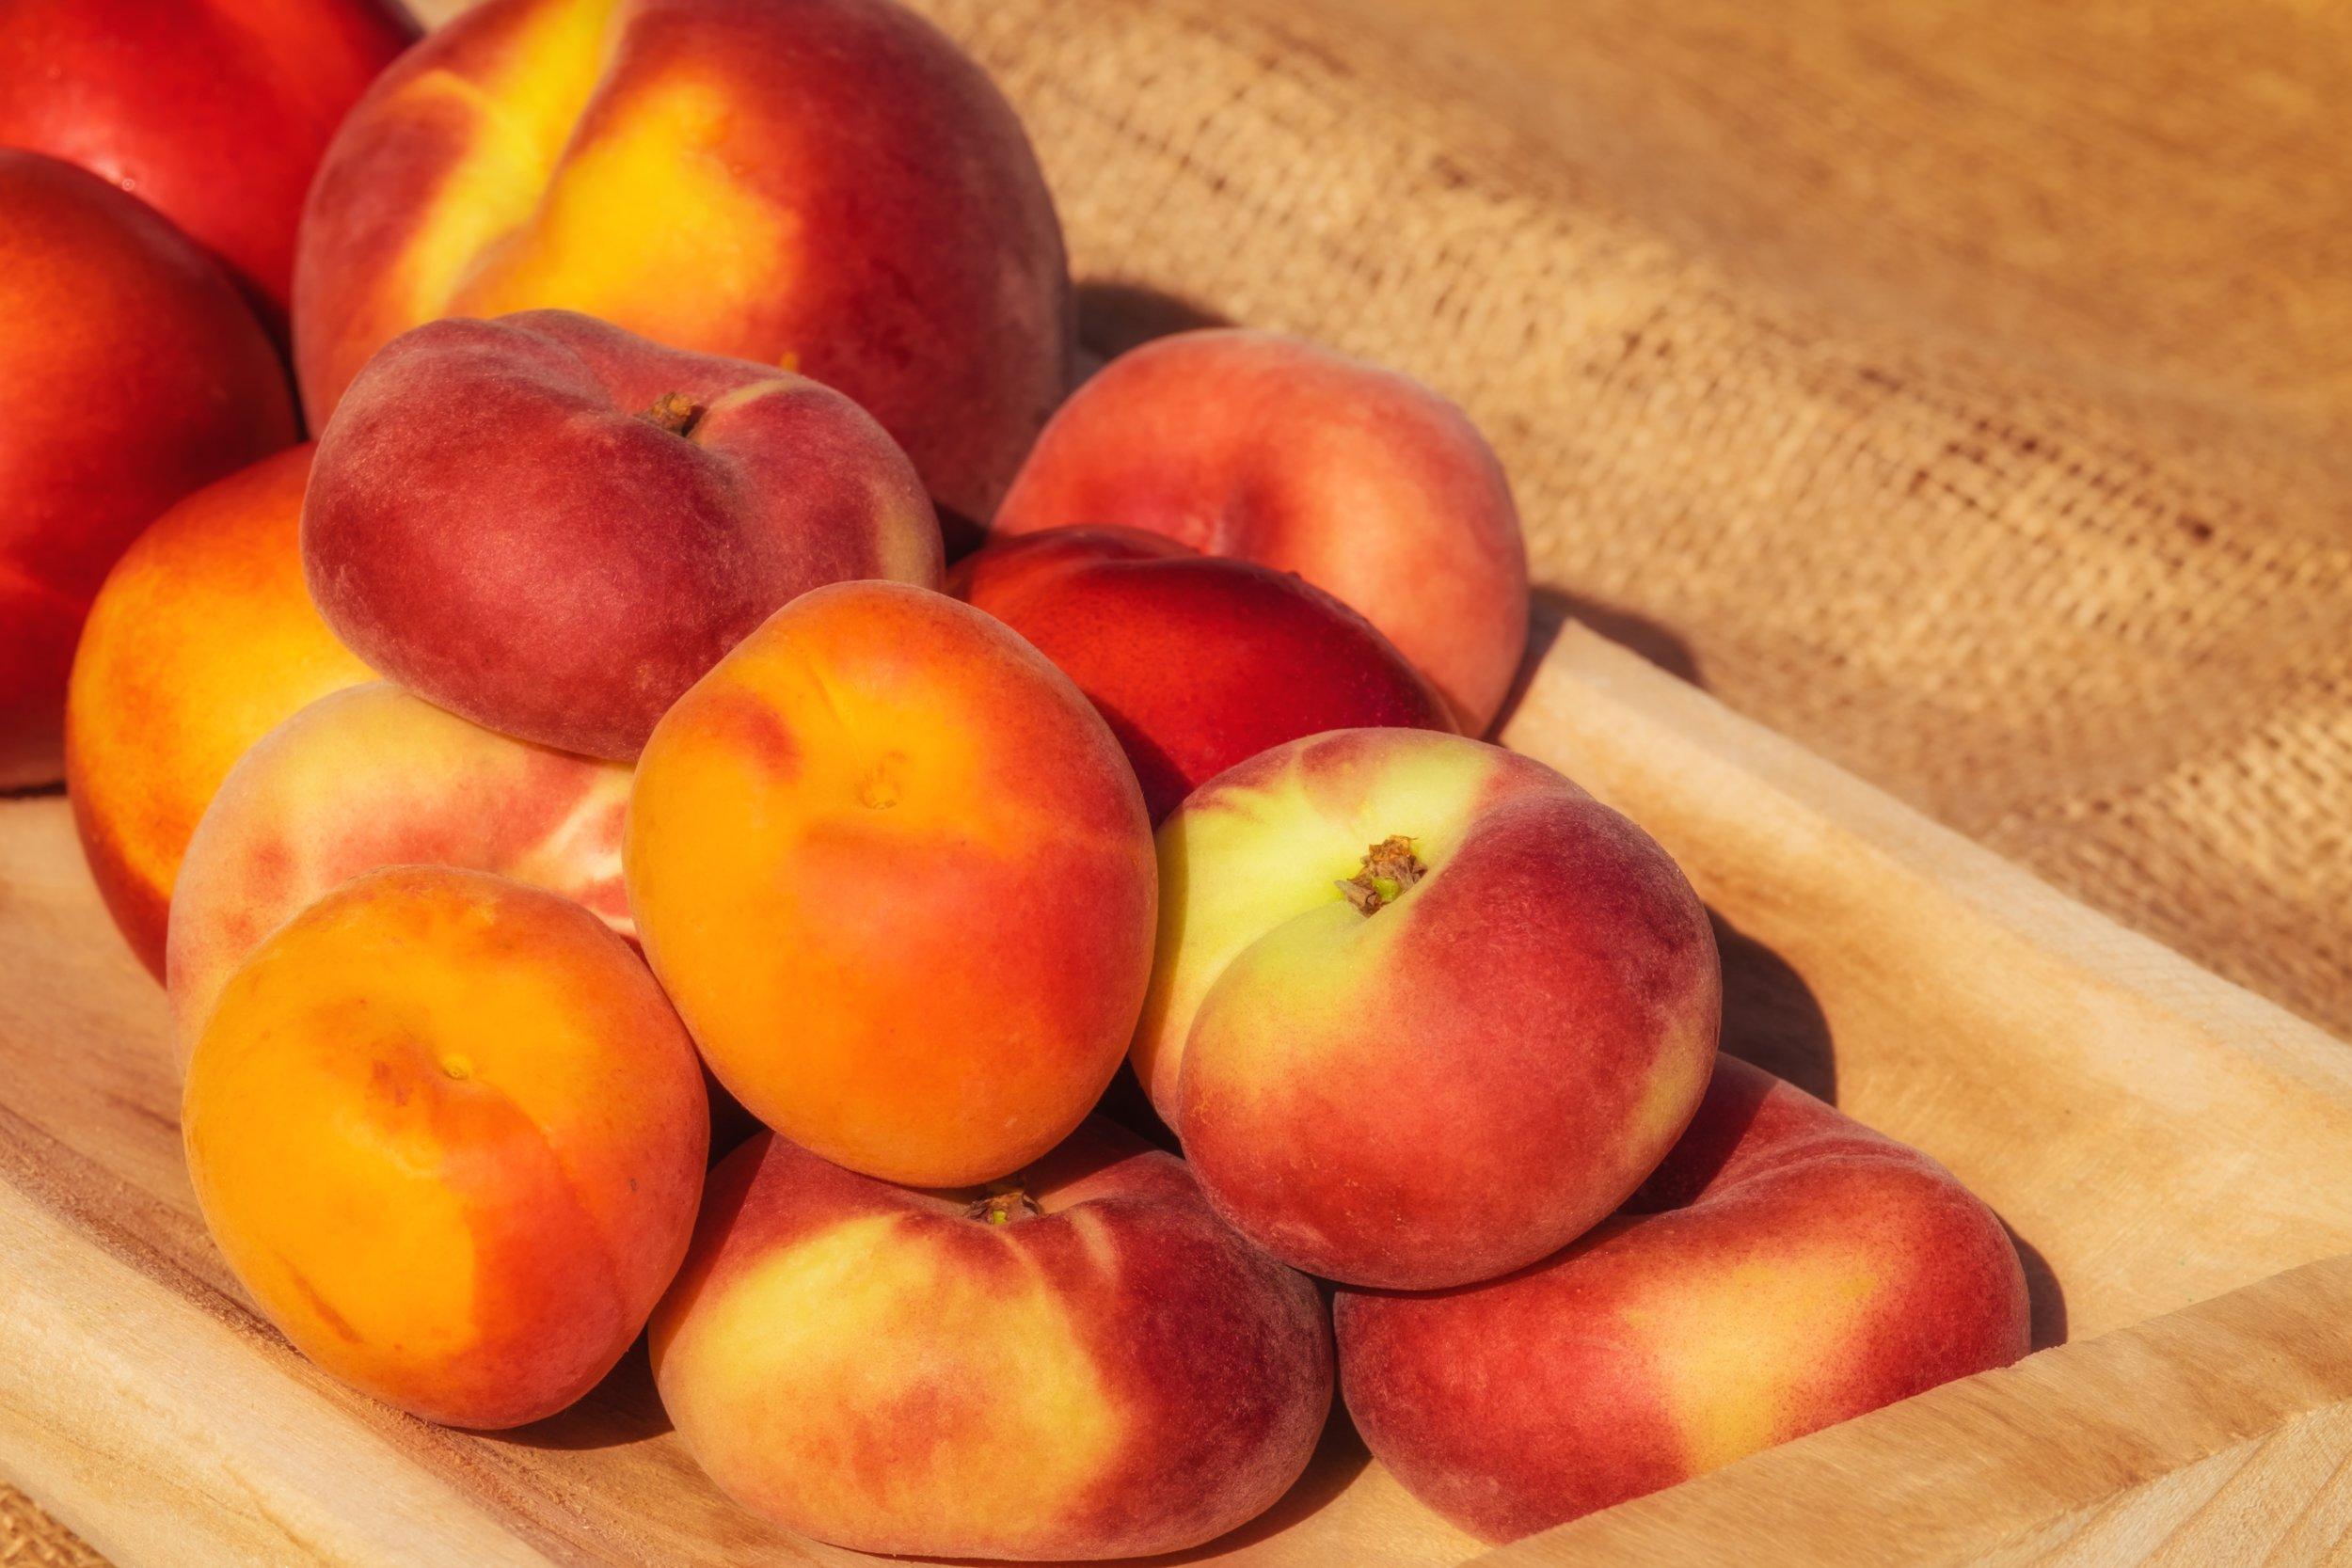 fruit-3533619.jpg